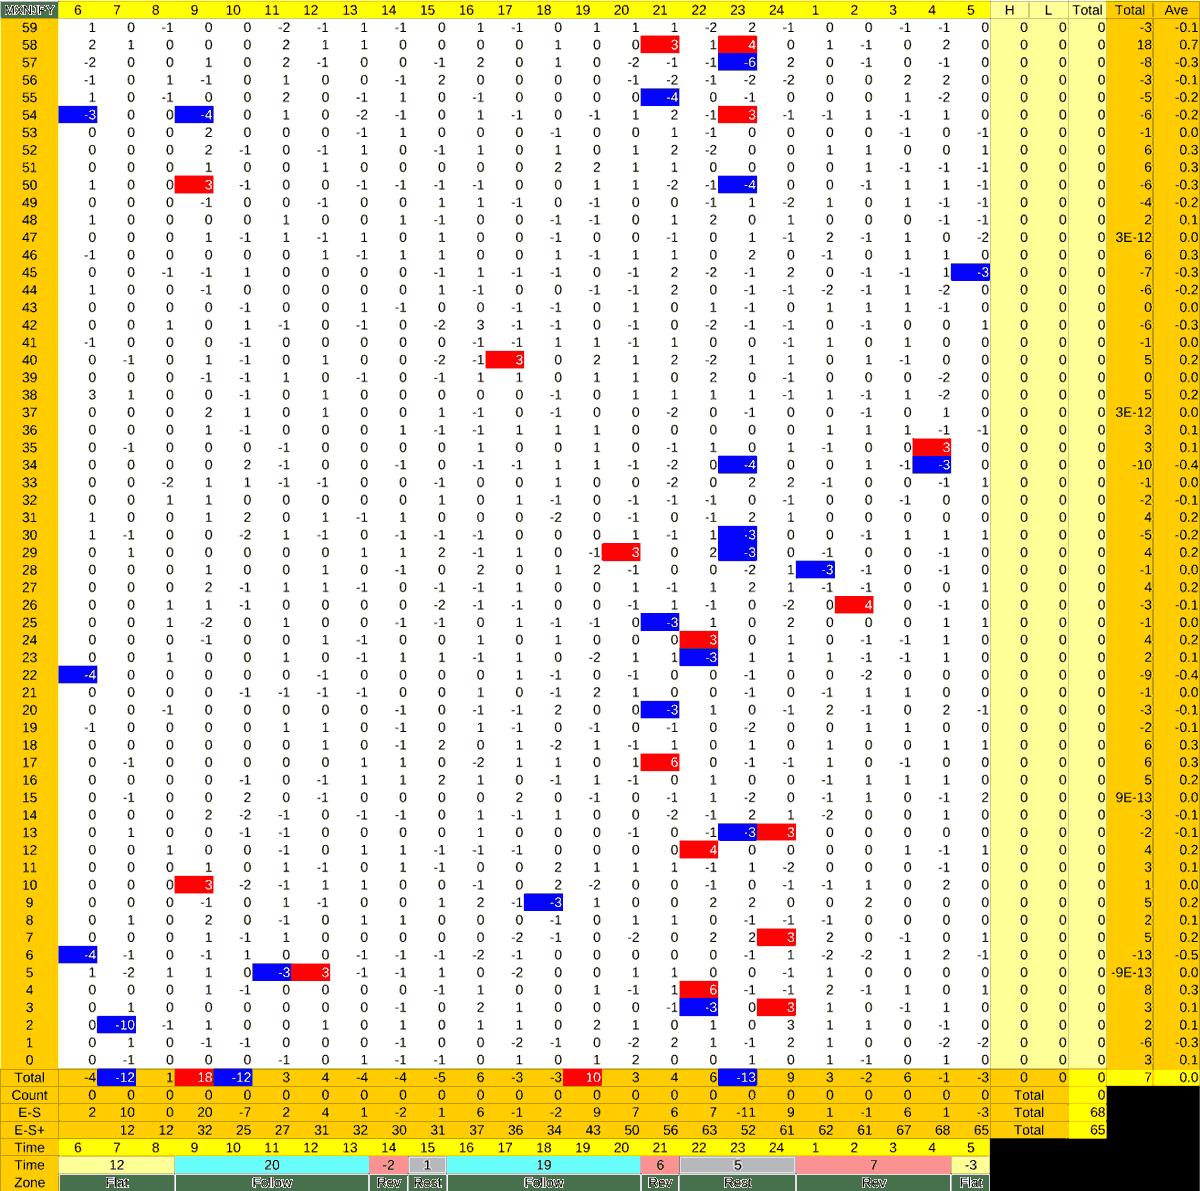 20210331_HS(3)MXNJPY-min